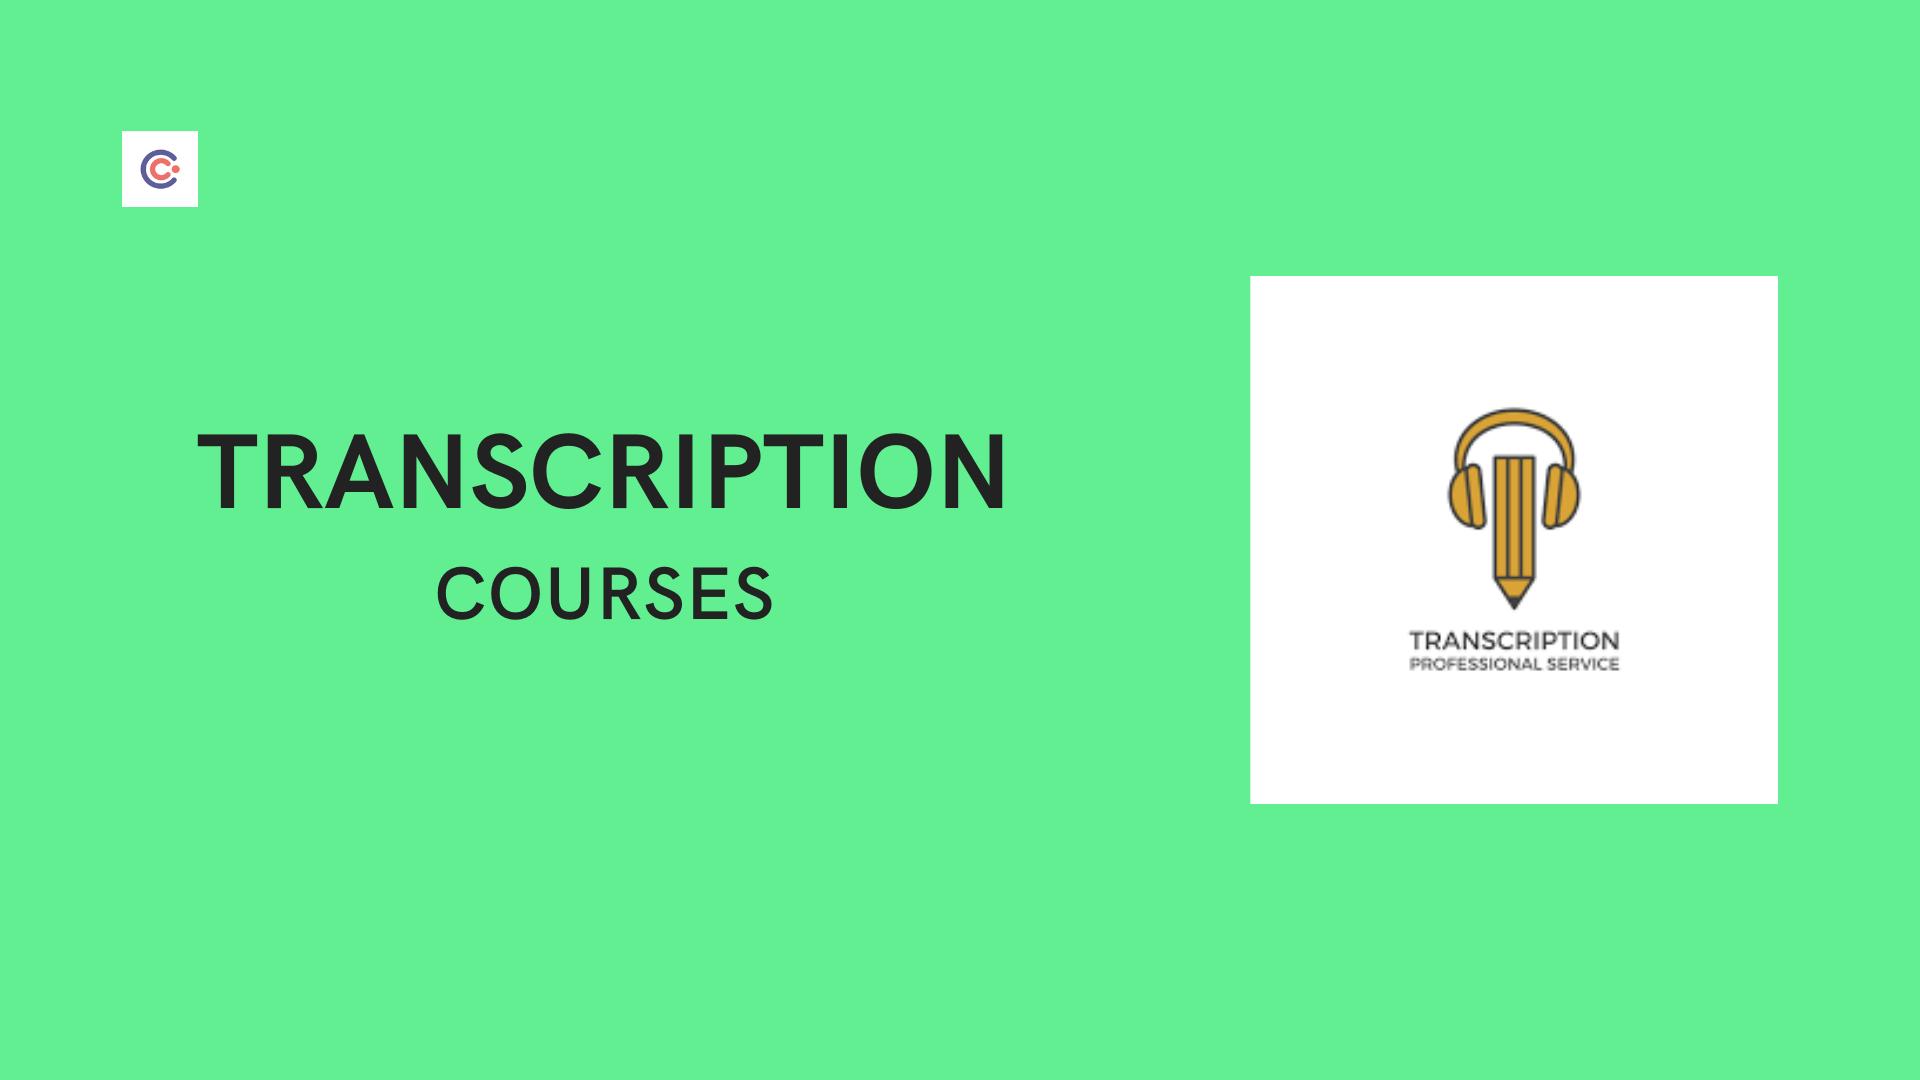 5 Best Transcription Courses & Classes - Learn Transcription Online